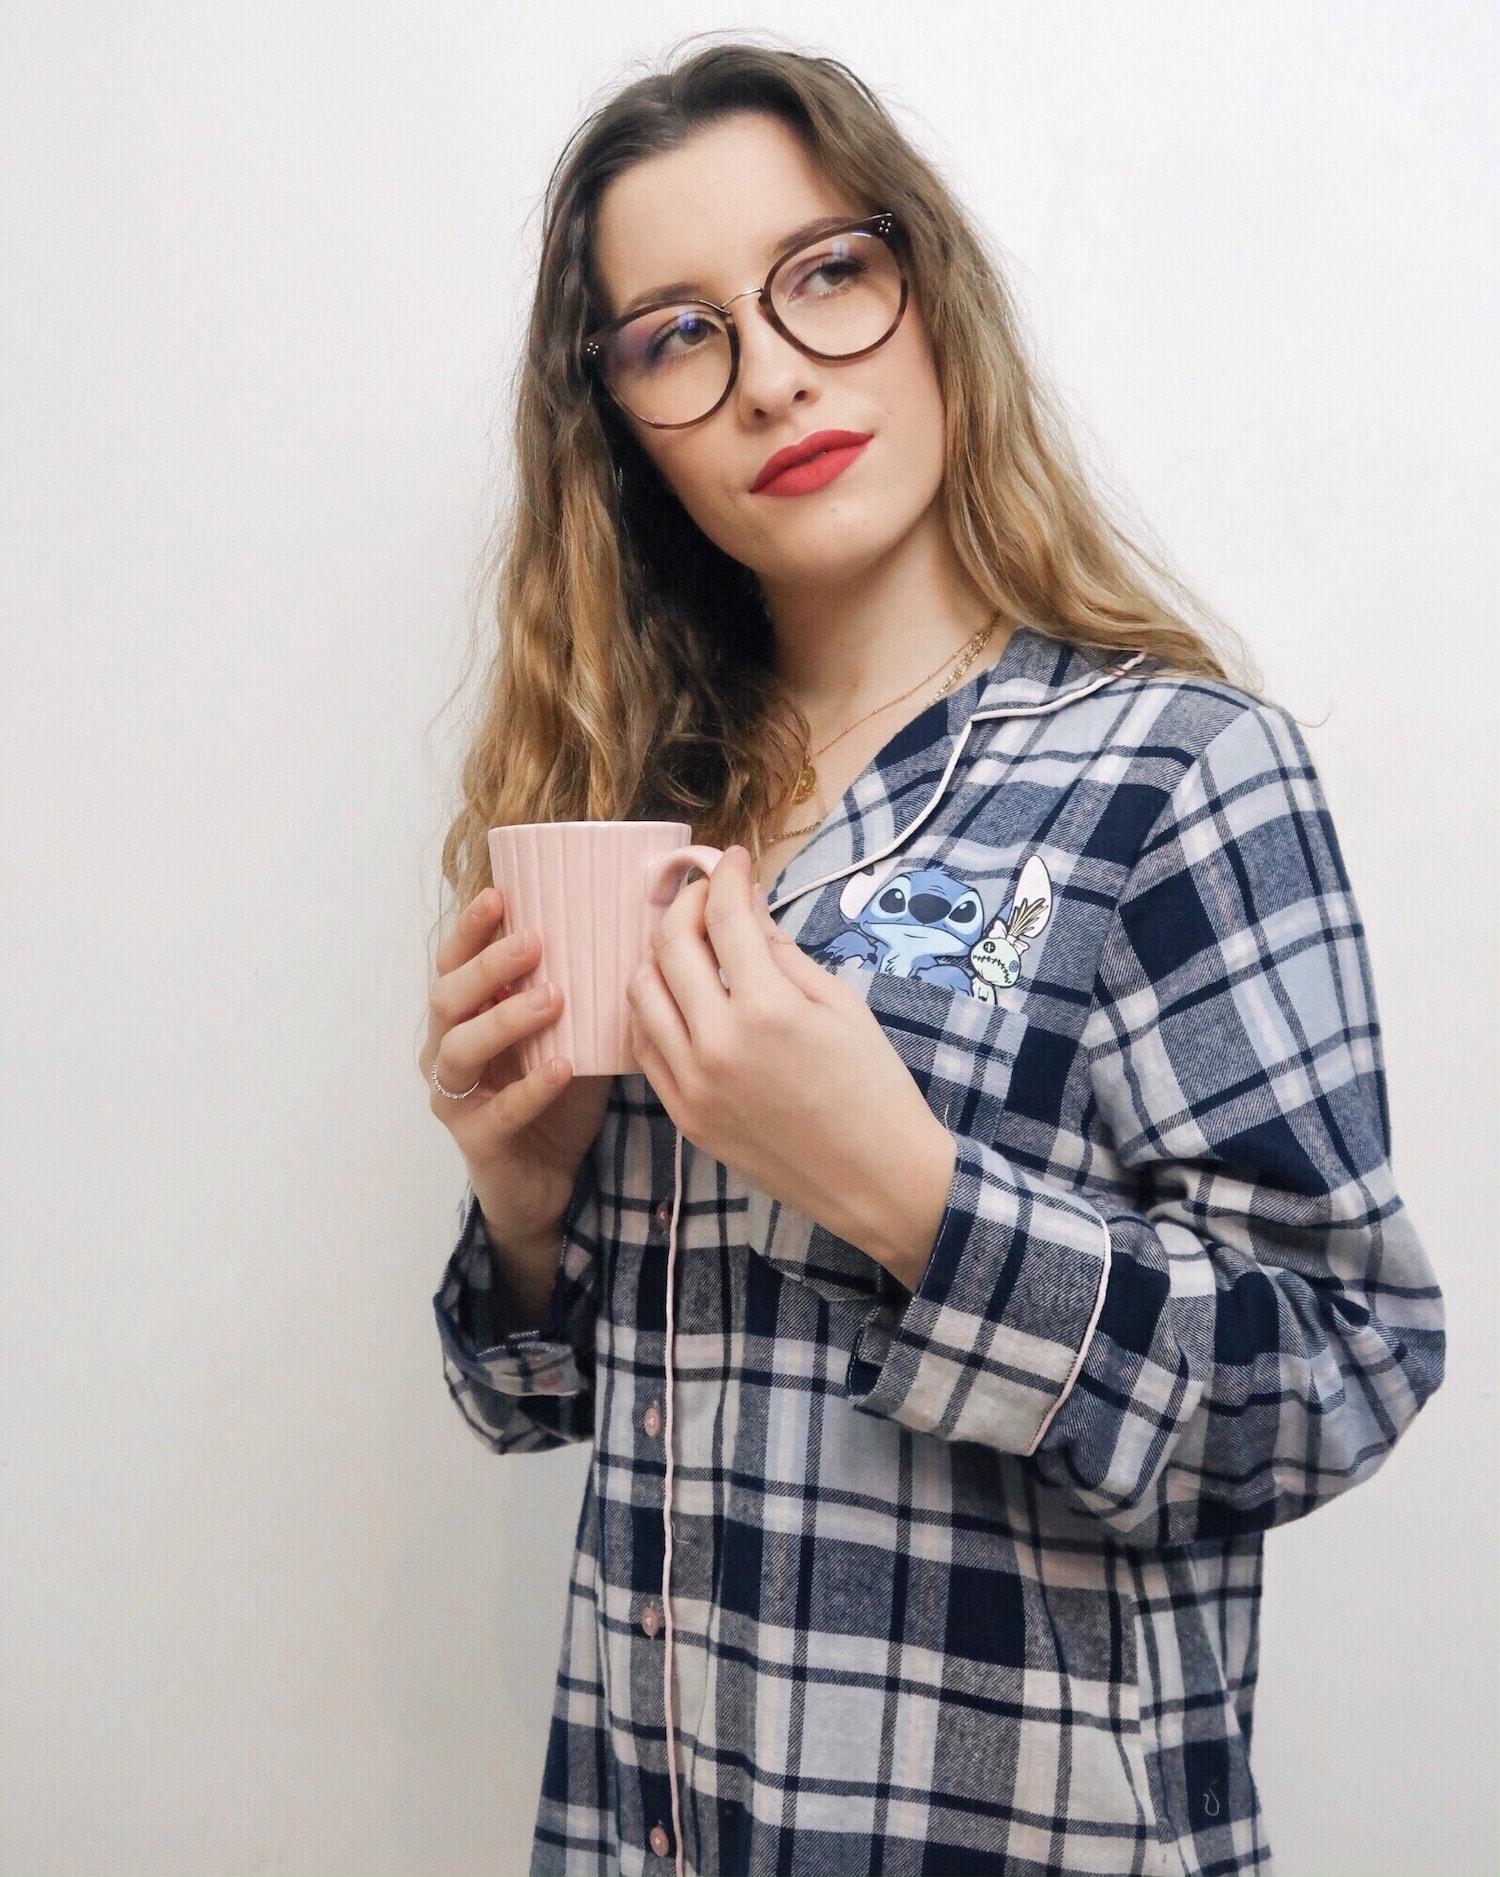 Quelle tenue porter pour les vacances de février à la maison ? - happinesscoco.com